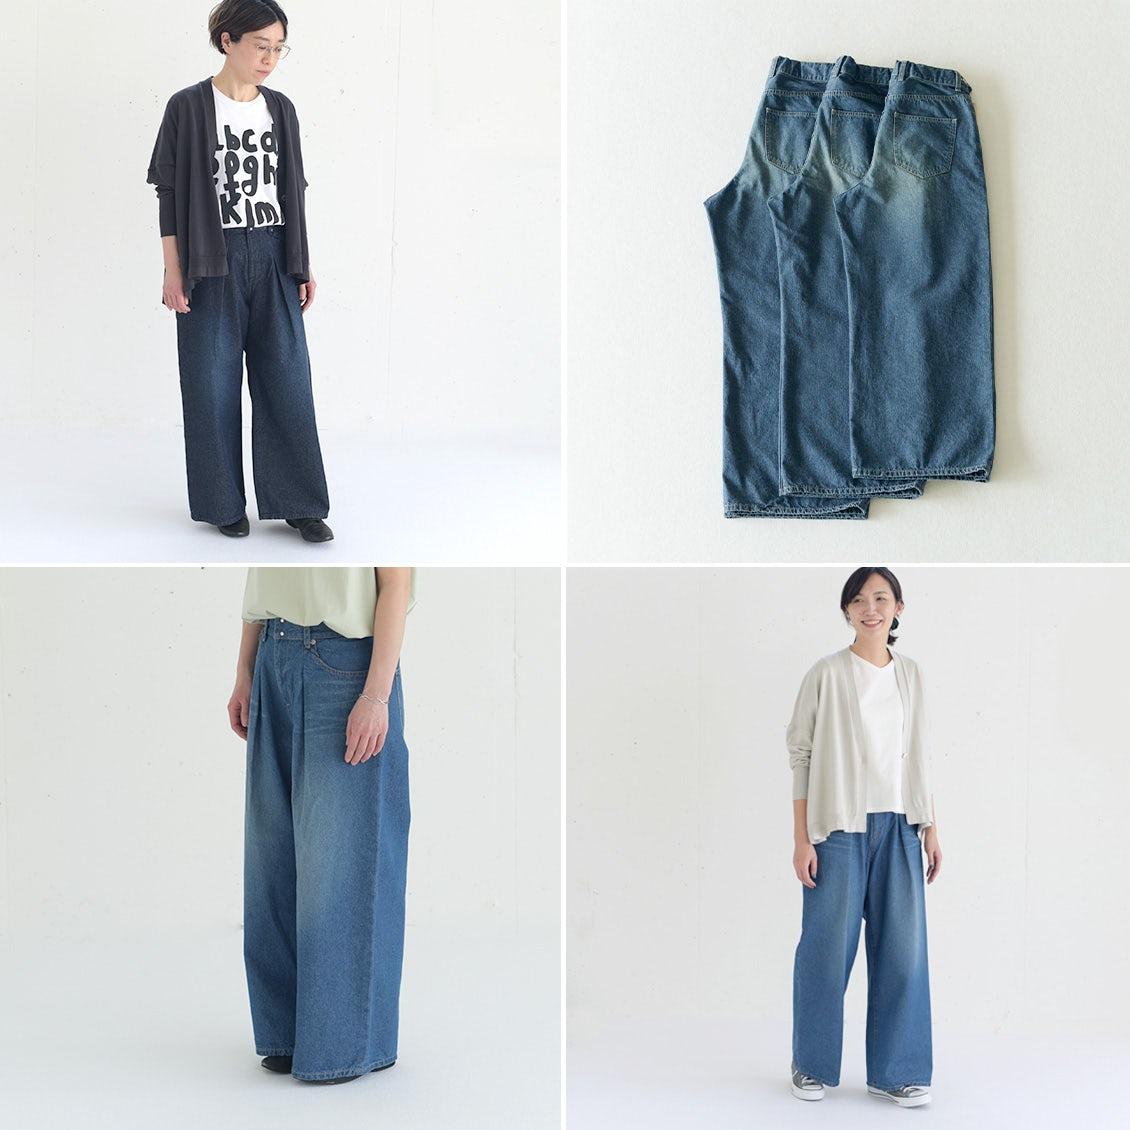 【着用レビュー】人気のワイドデニムが3サイズに! 同時発売のTシャツやカーディガンと一緒にスタッフが着ました